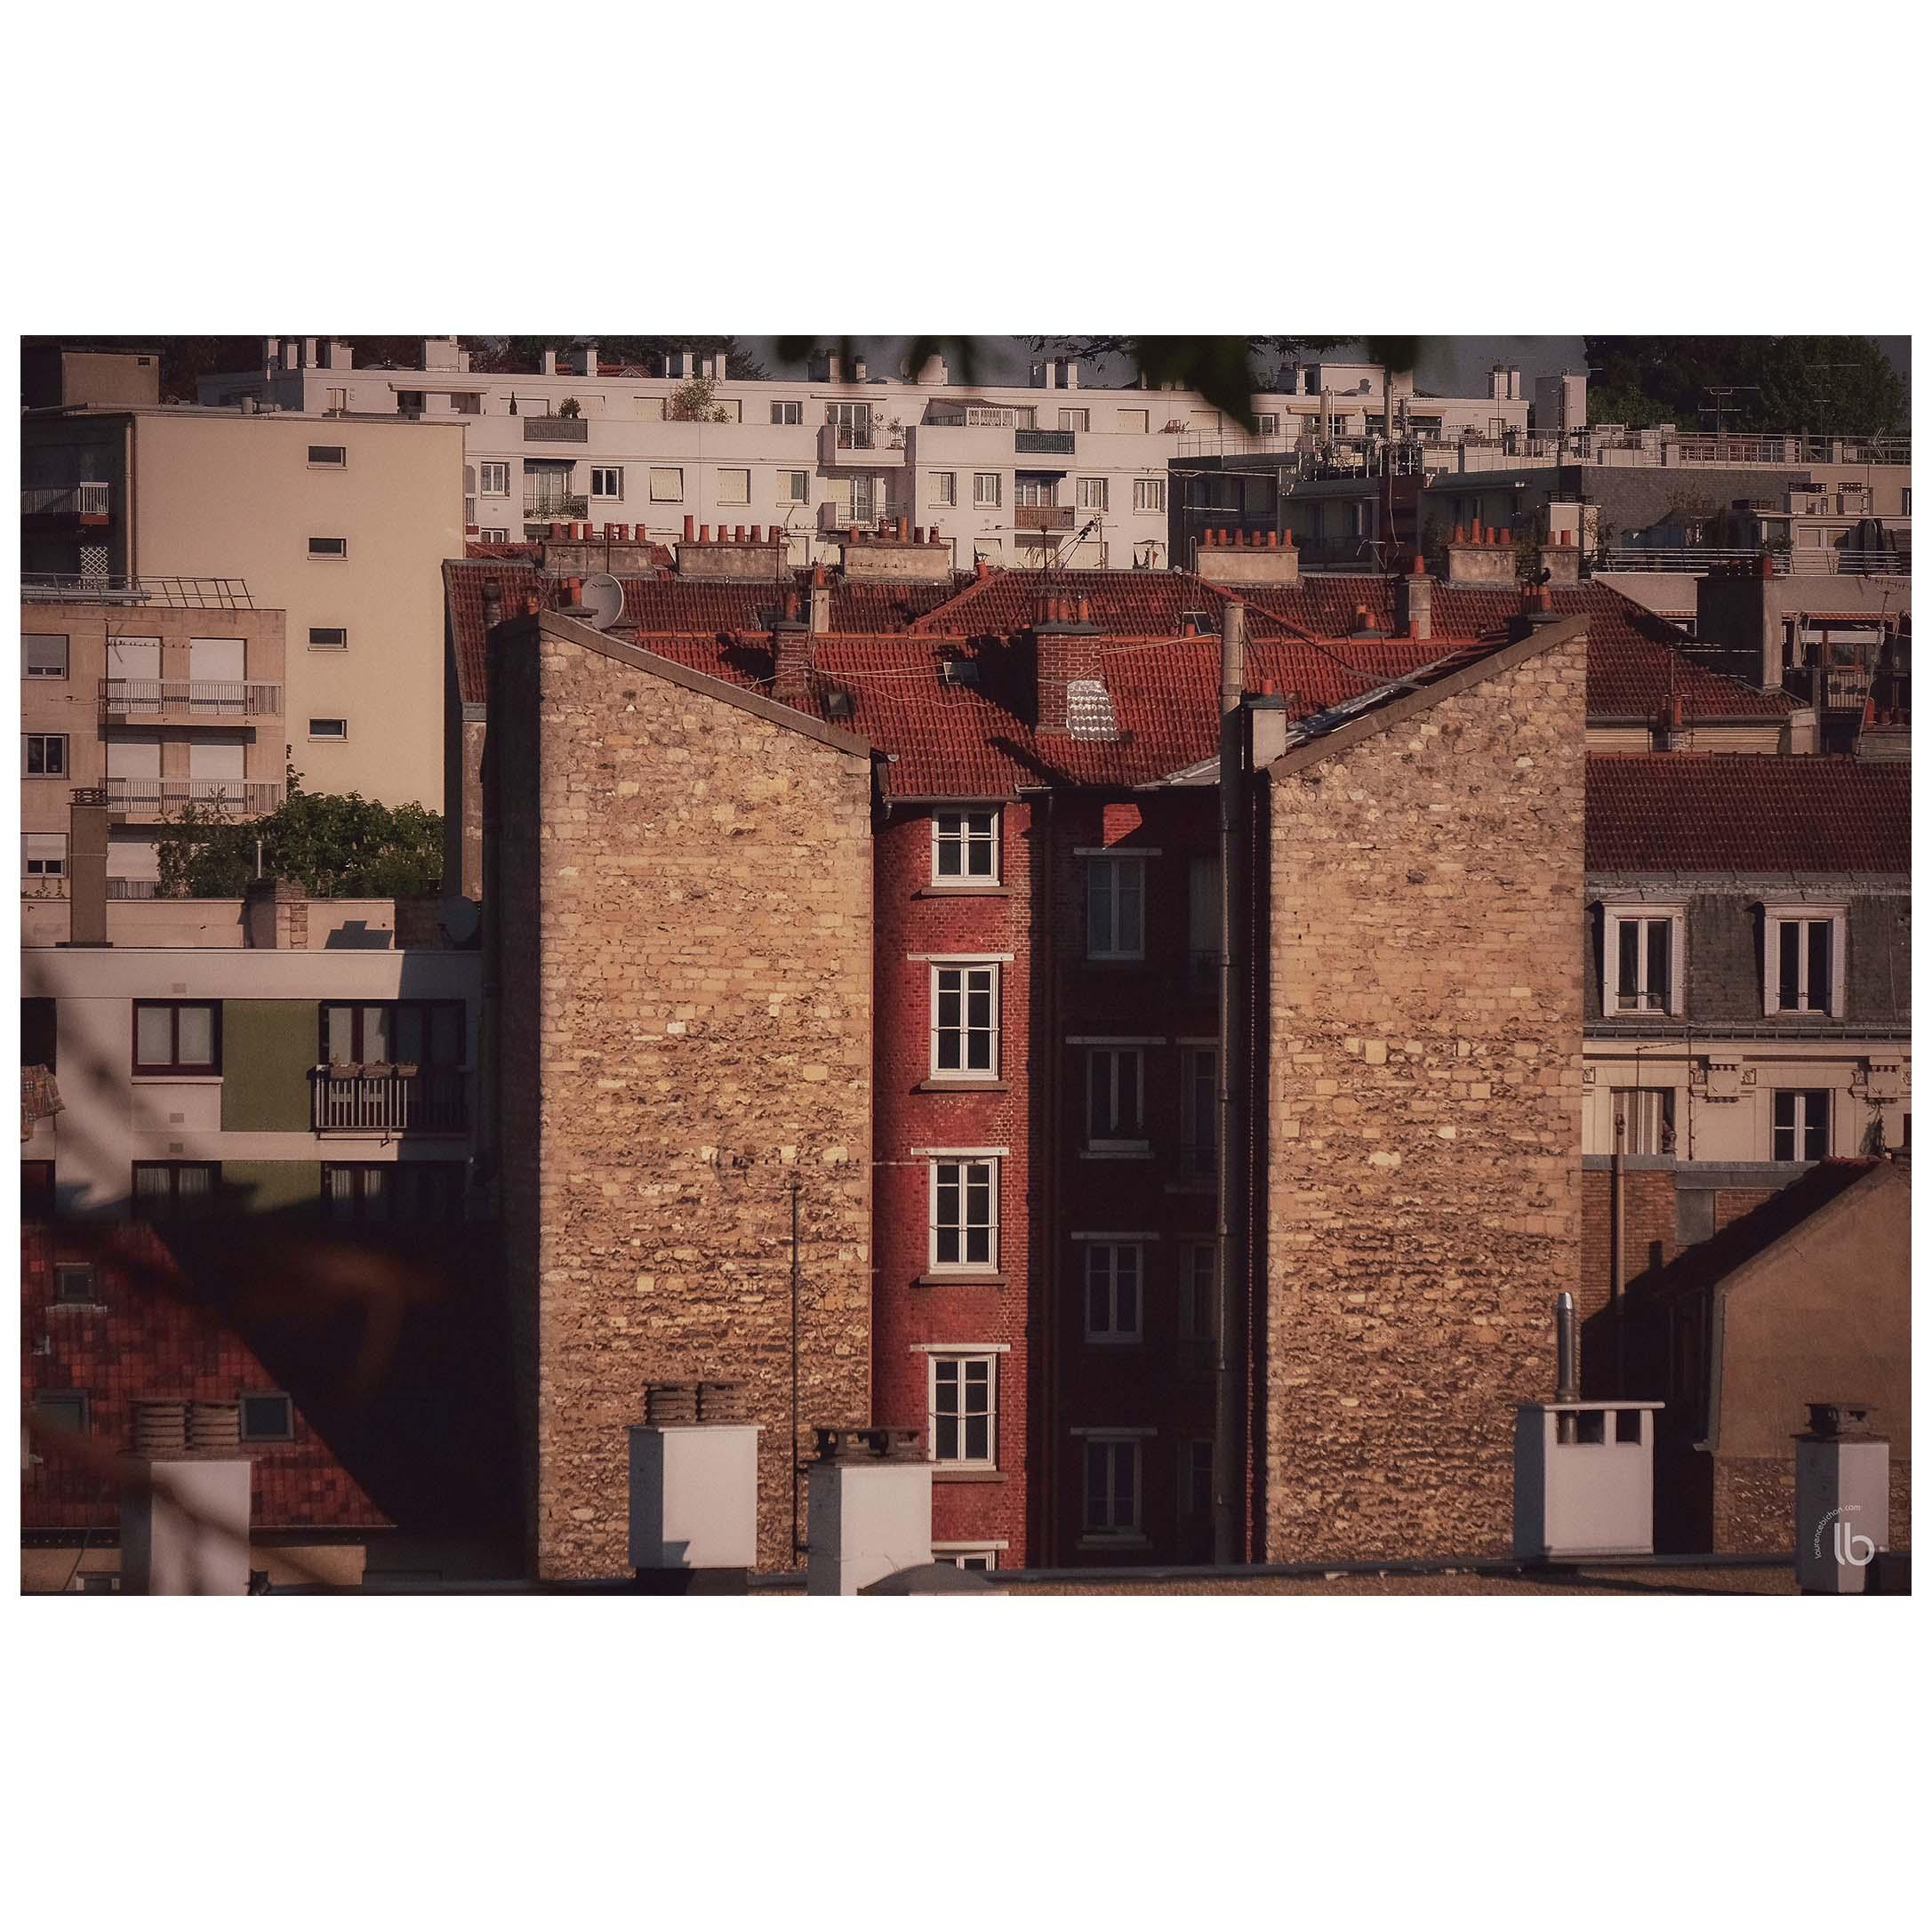 Les immeubles de Val Fleury - 20190420 - by laurence bichon photographe meudon